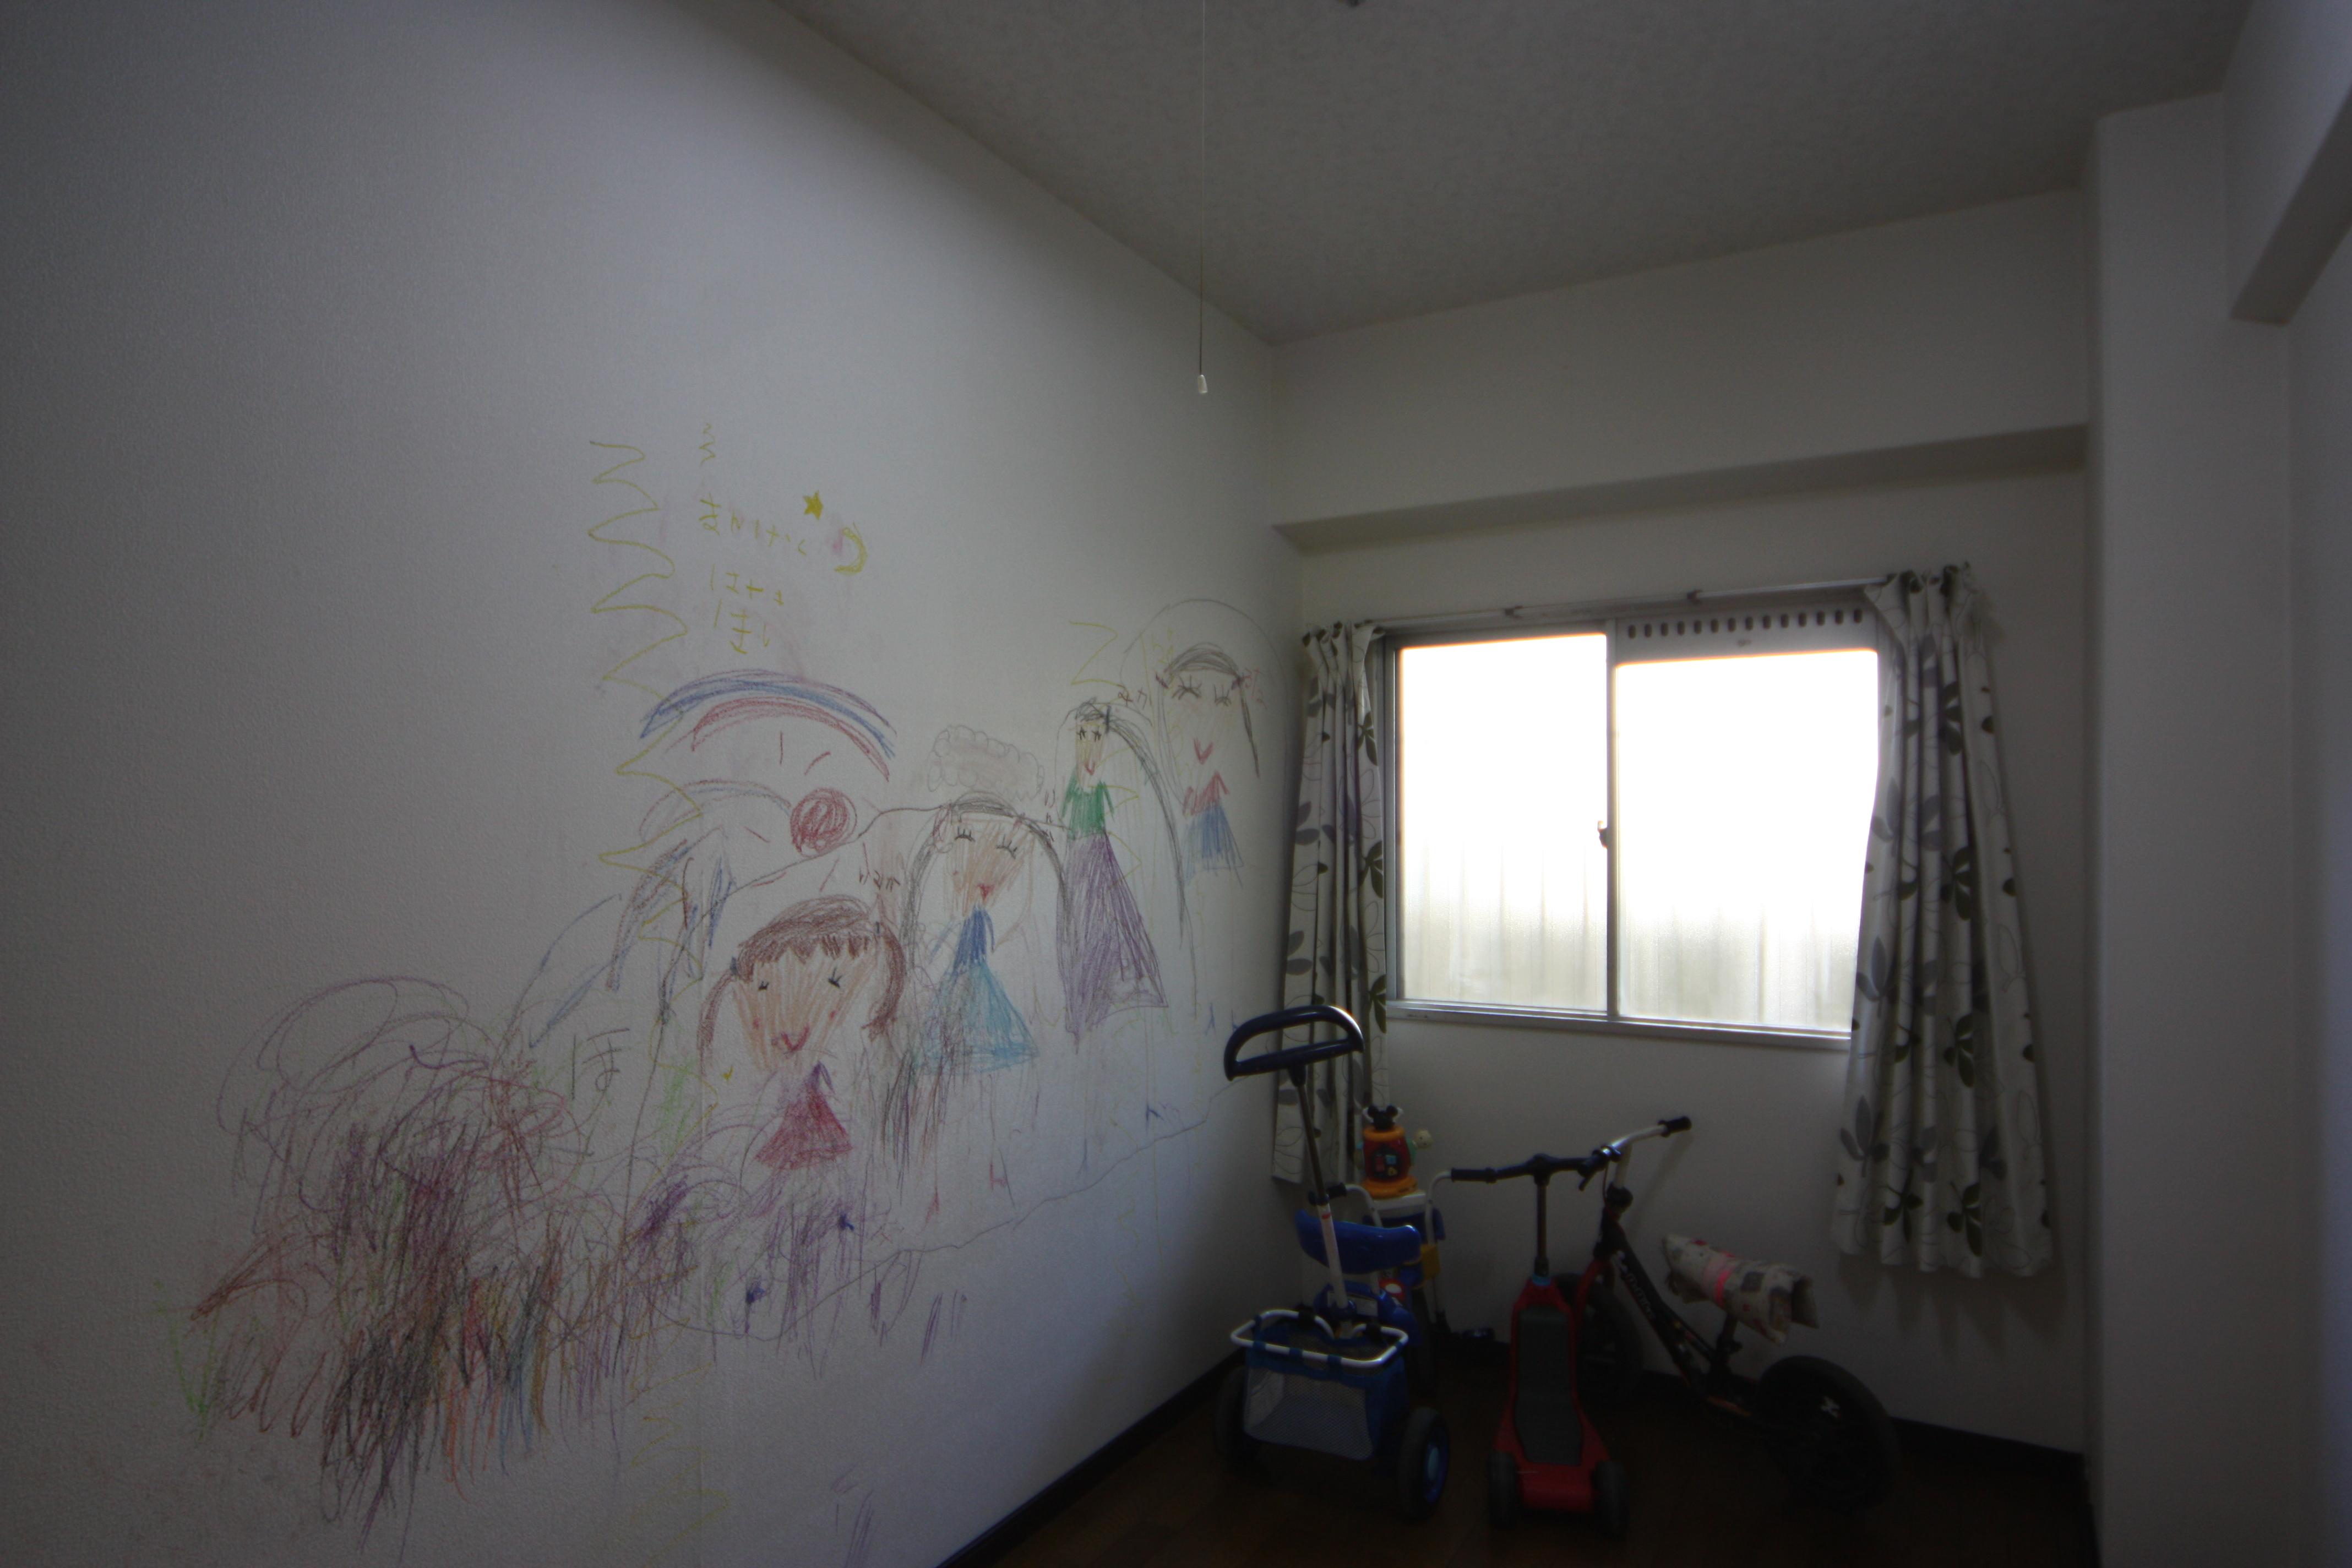 工事前にお孫さんが描いたイラストその2